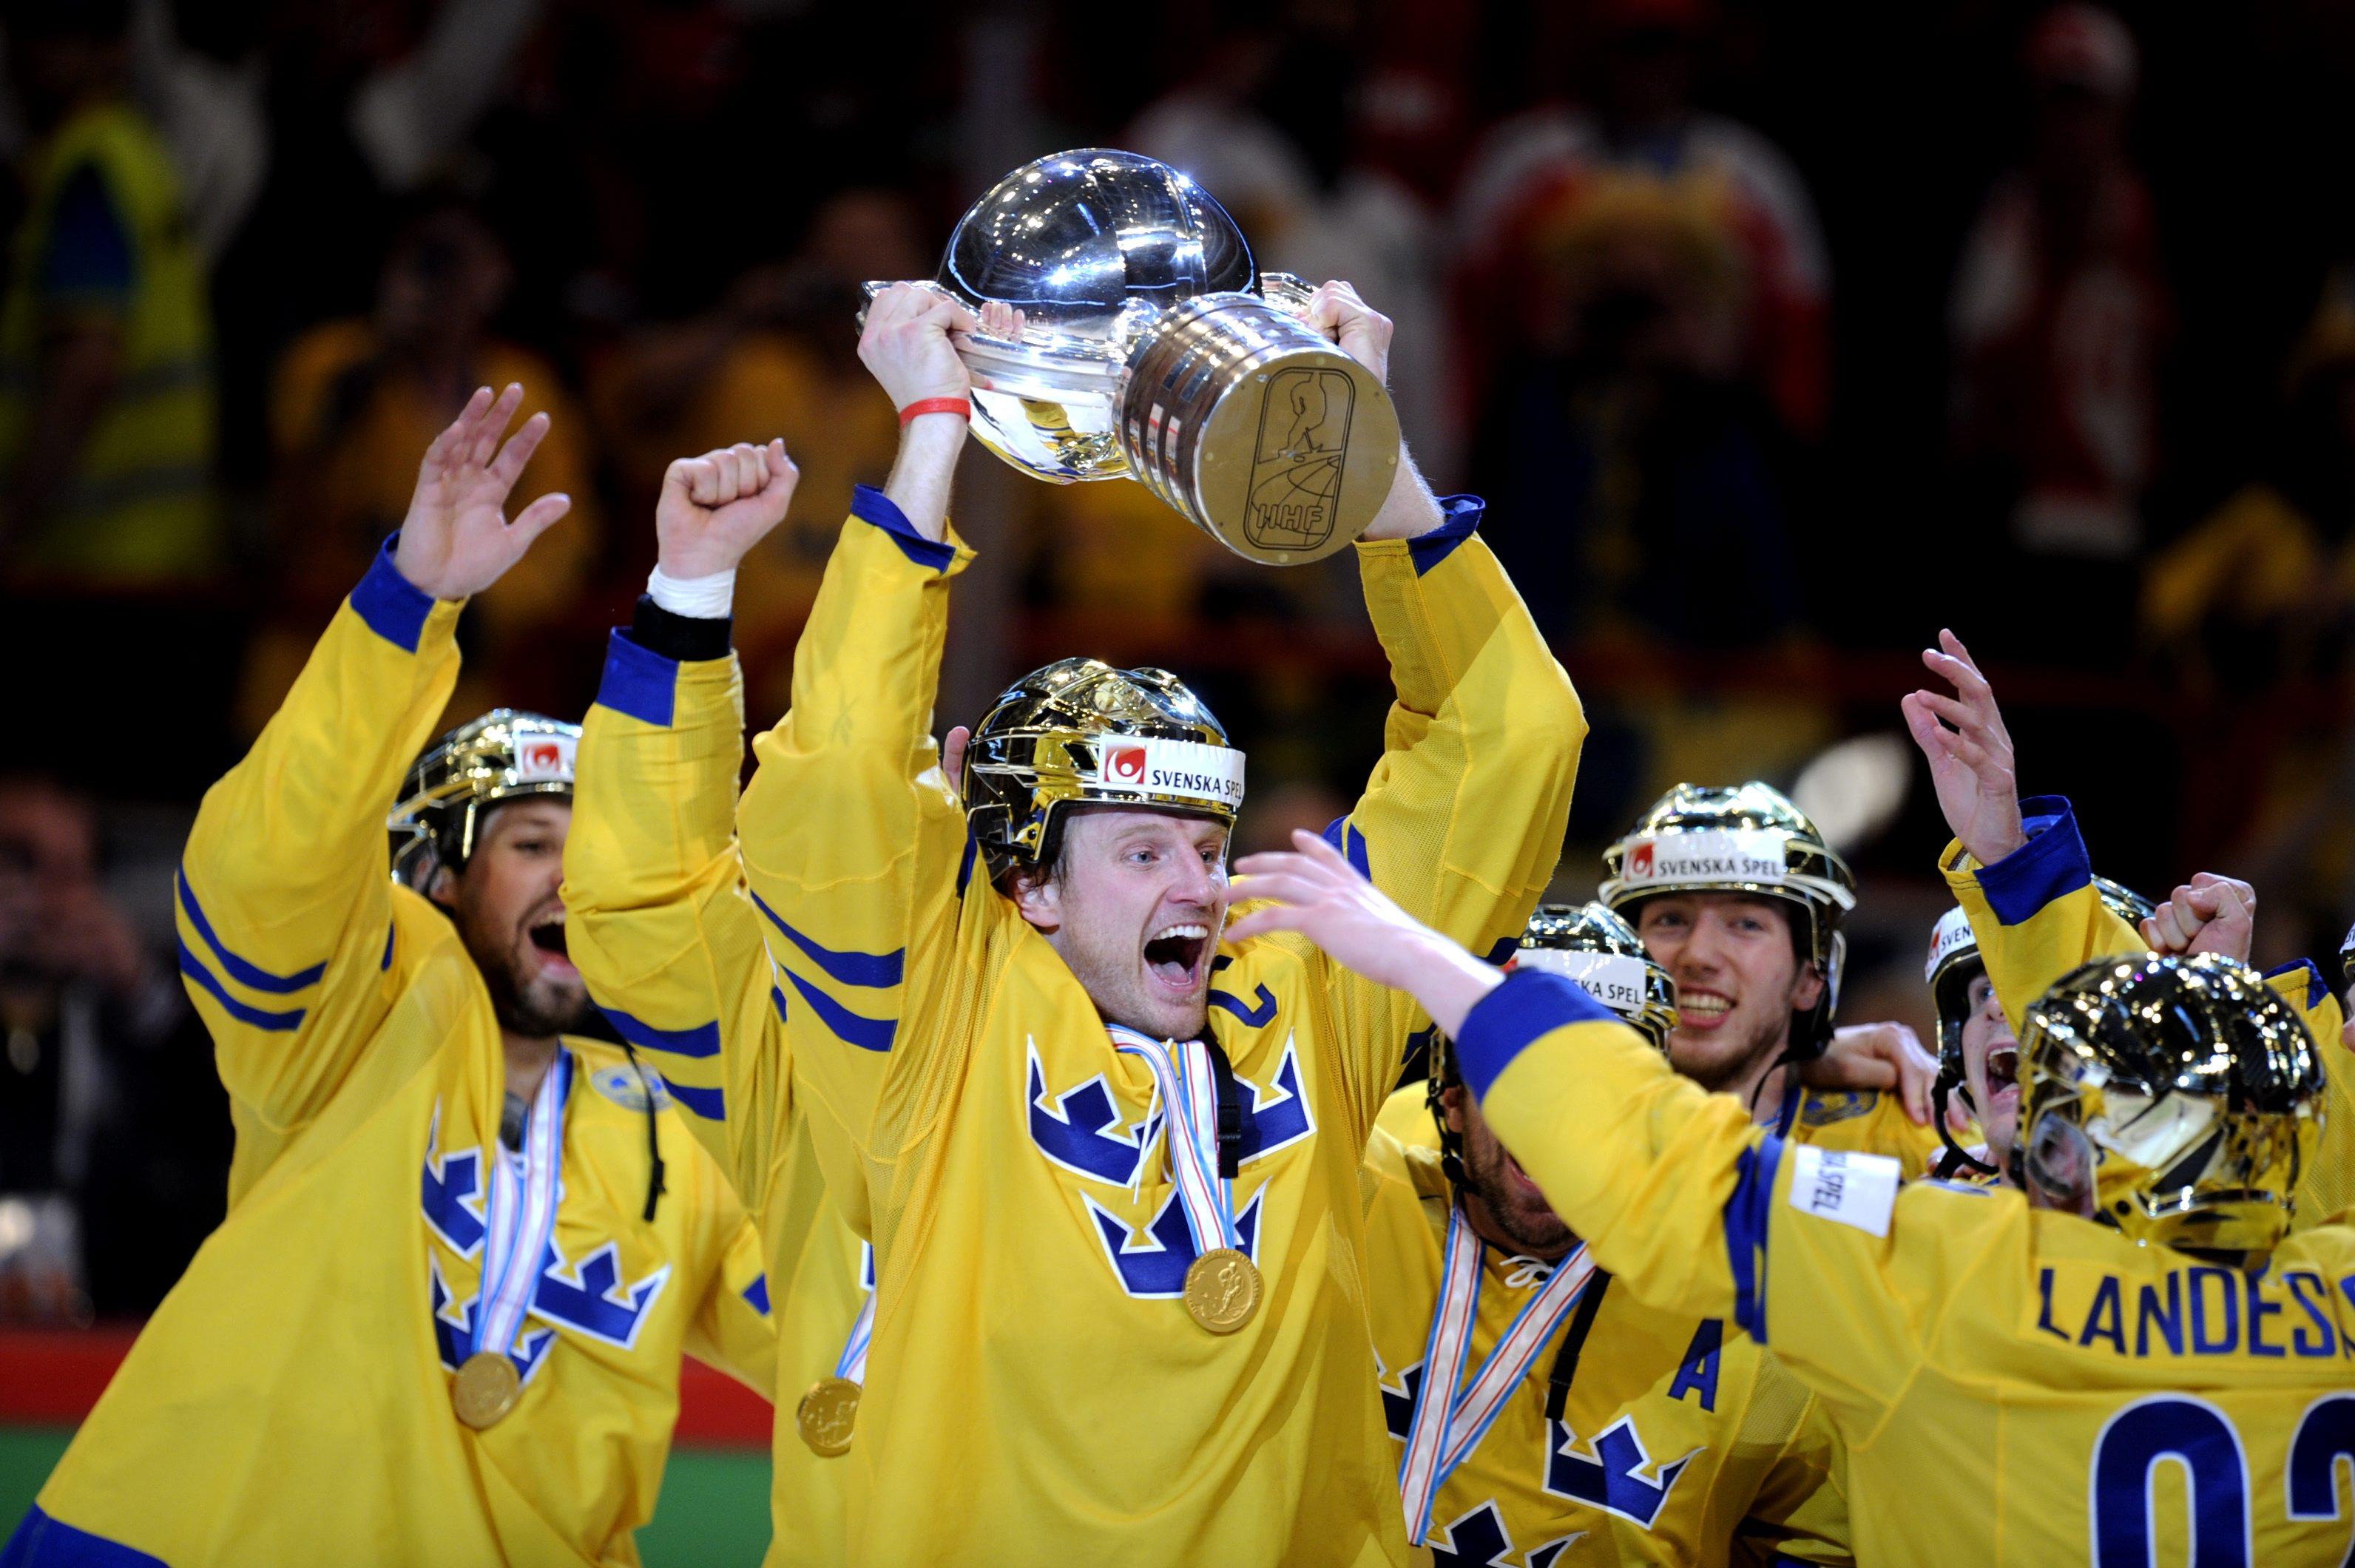 Швеция выиграла домашний чемпионат мира